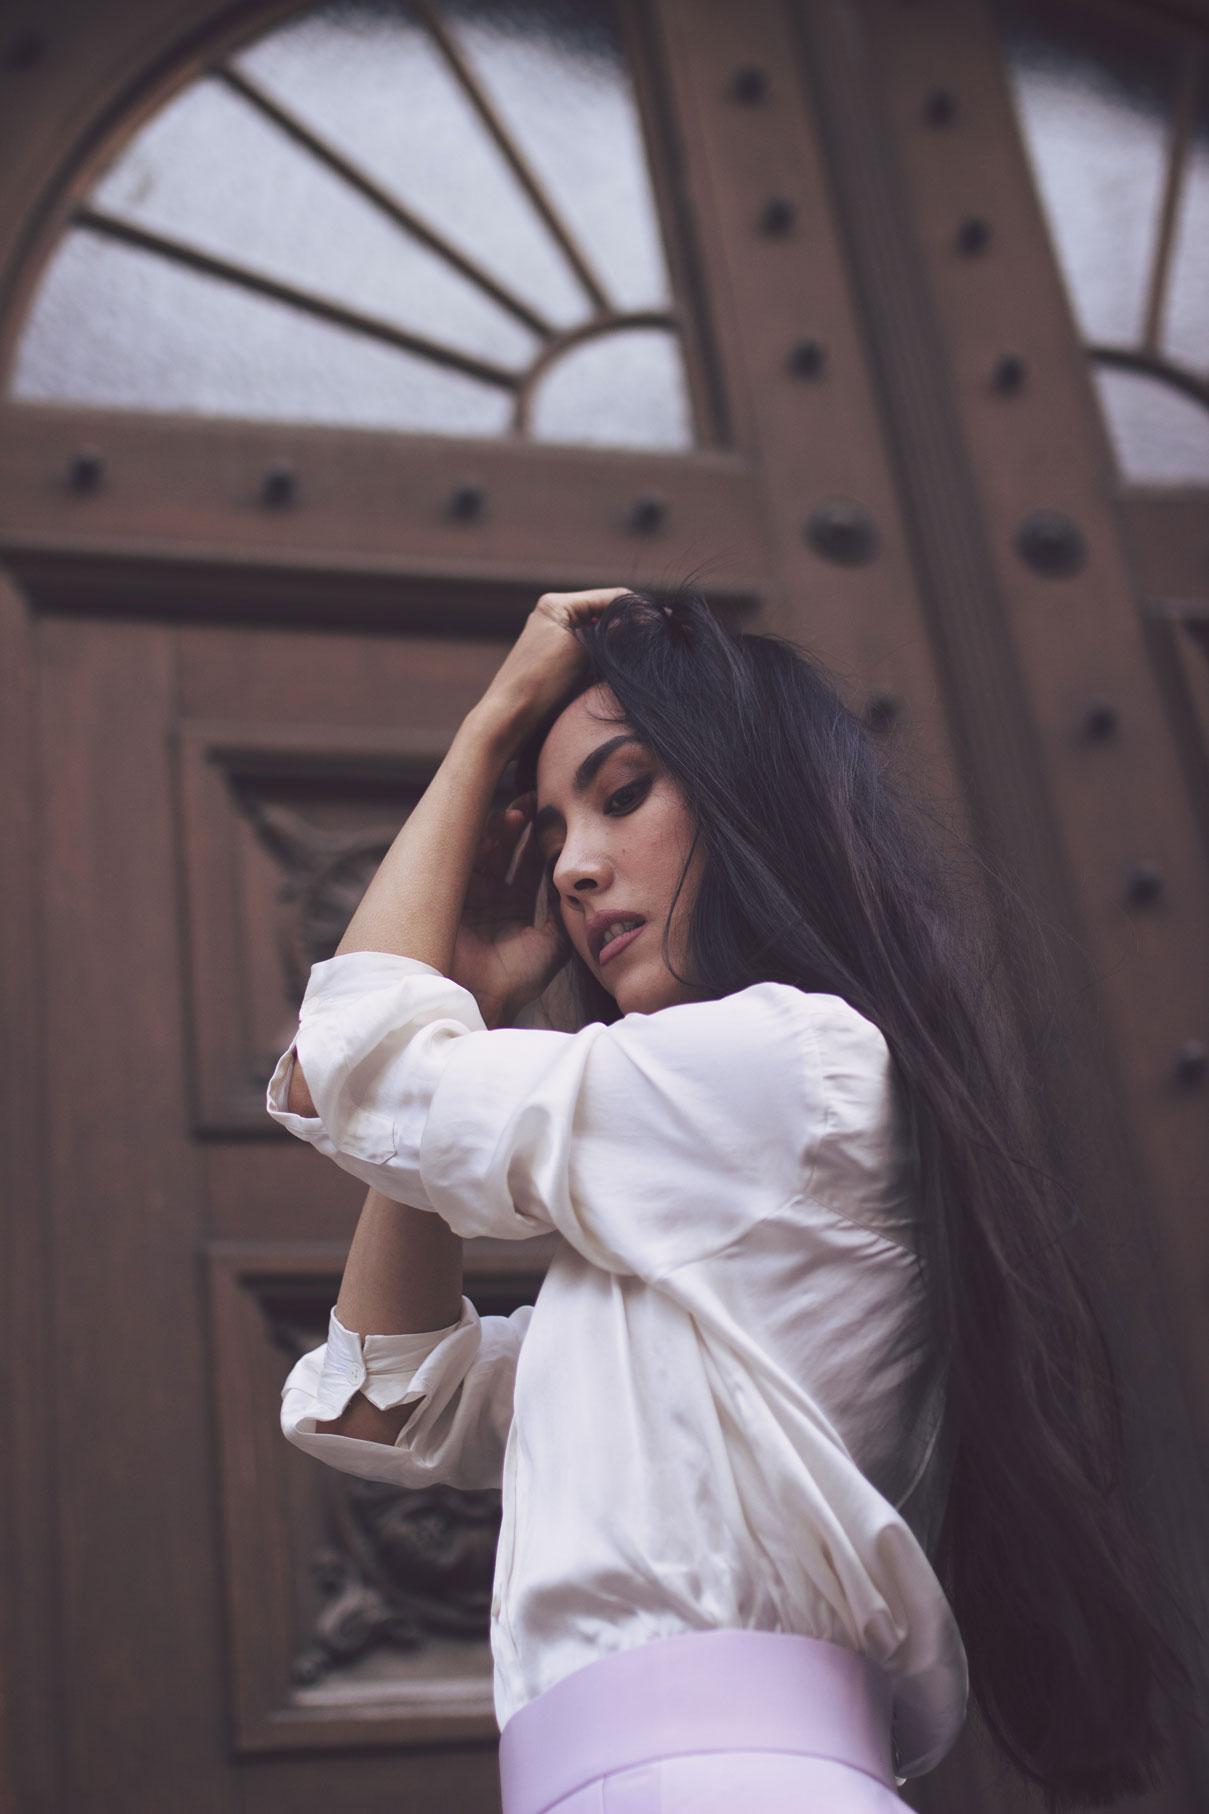 portrait d'une femme devant une porte en bois